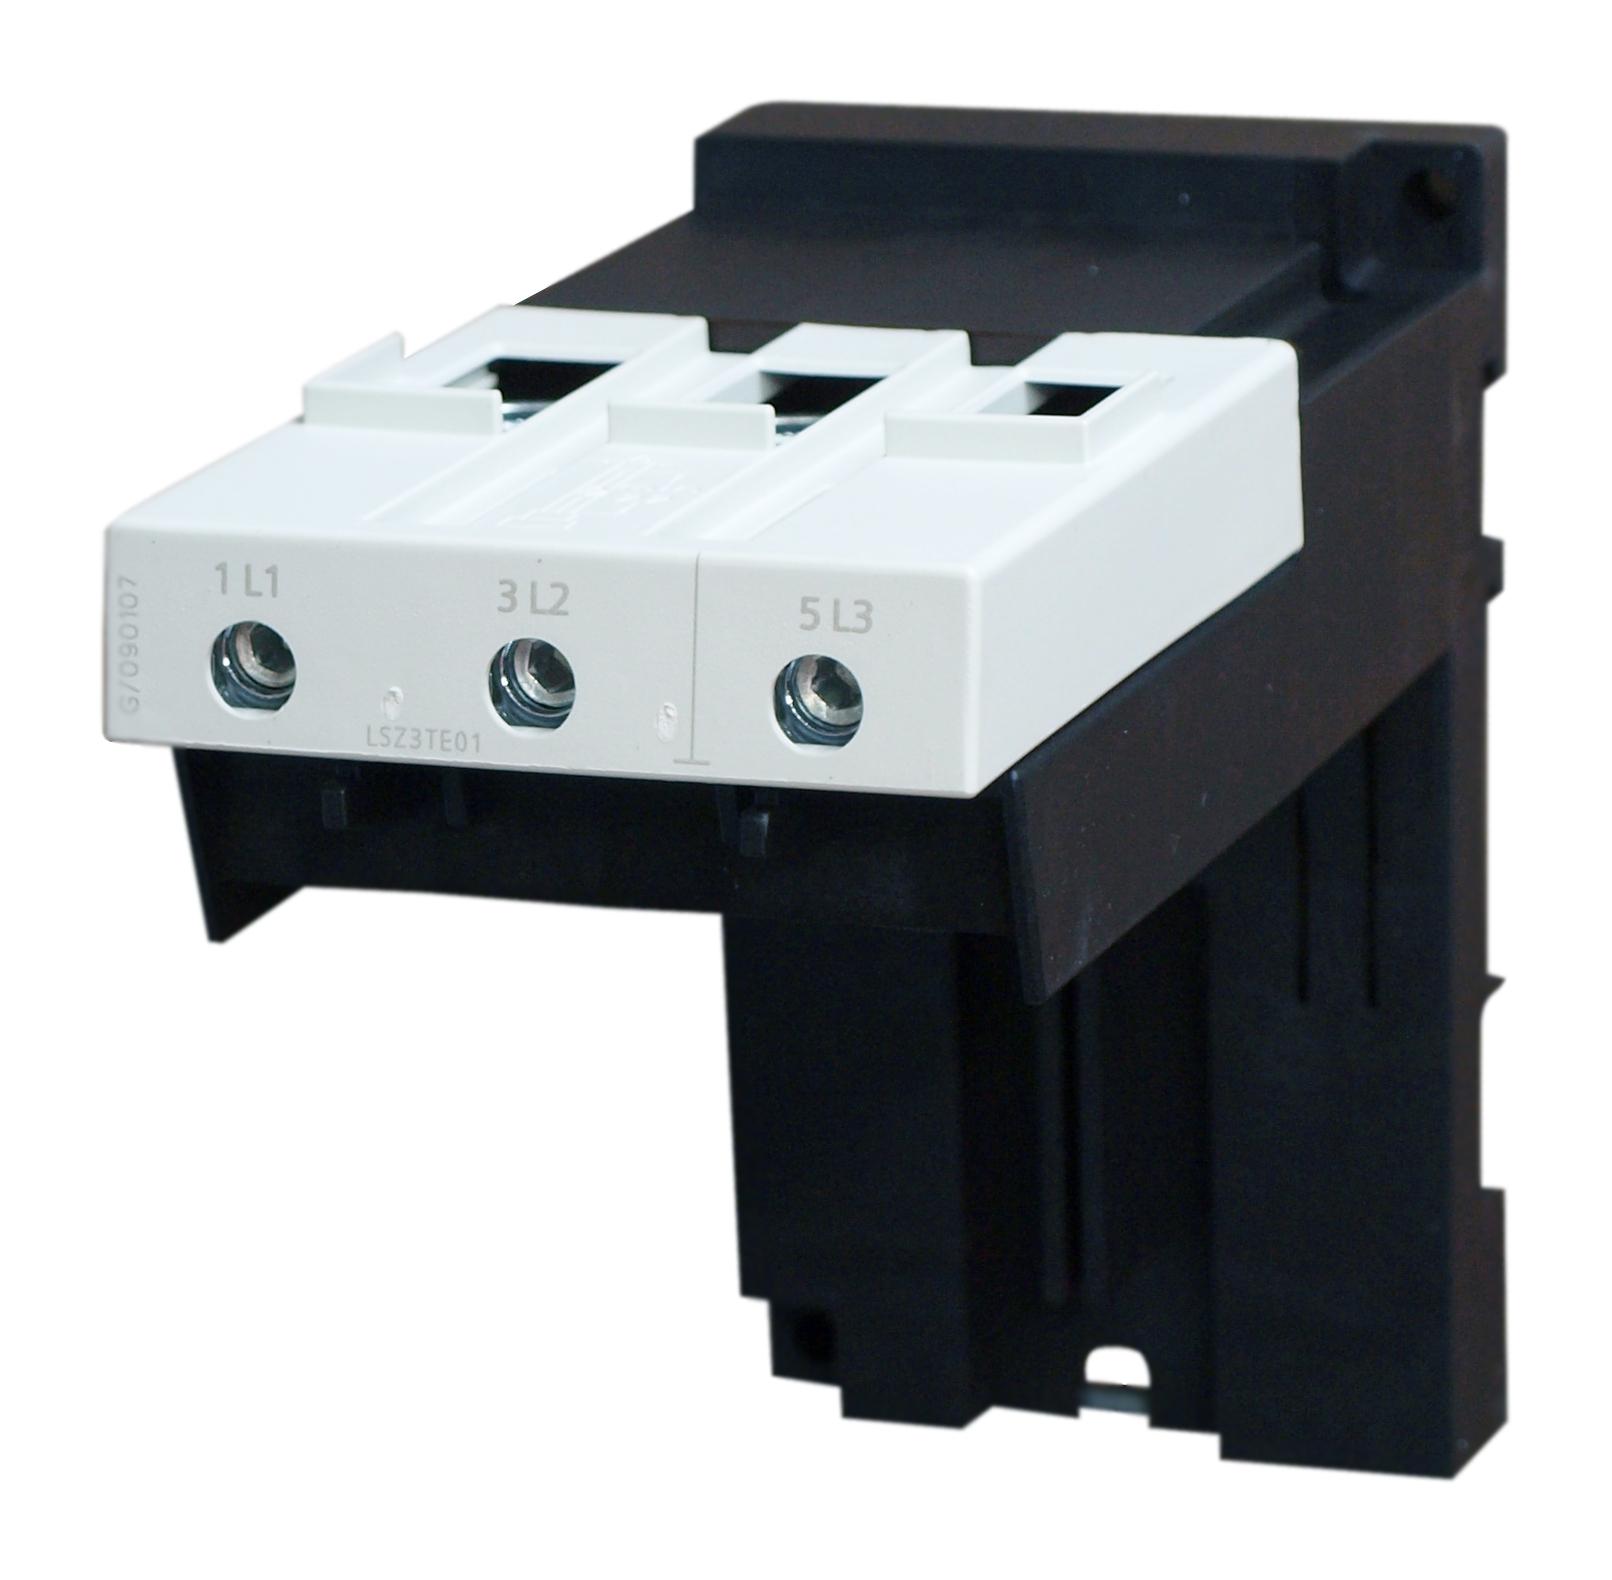 1 Stk Einzelaufstellungsträger für thermische Überlastrelais Bgr 3 LSZ3TE01--